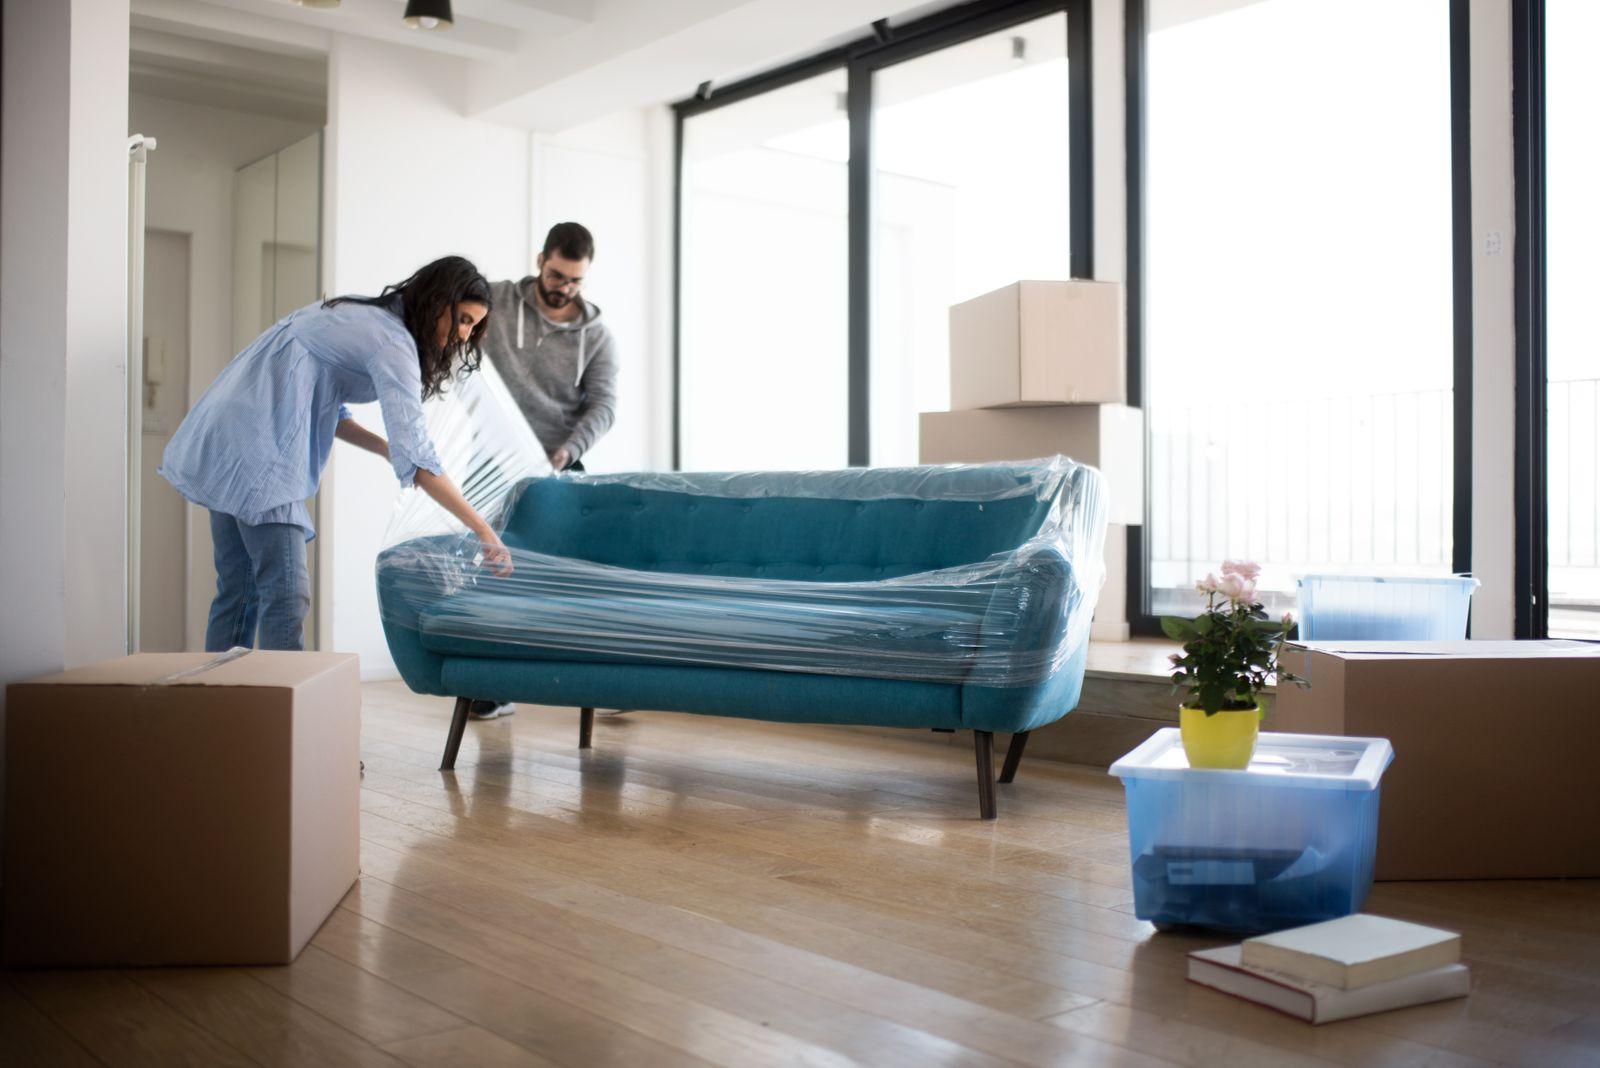 emménagement, placer ses meubles dans son nouvel appartement